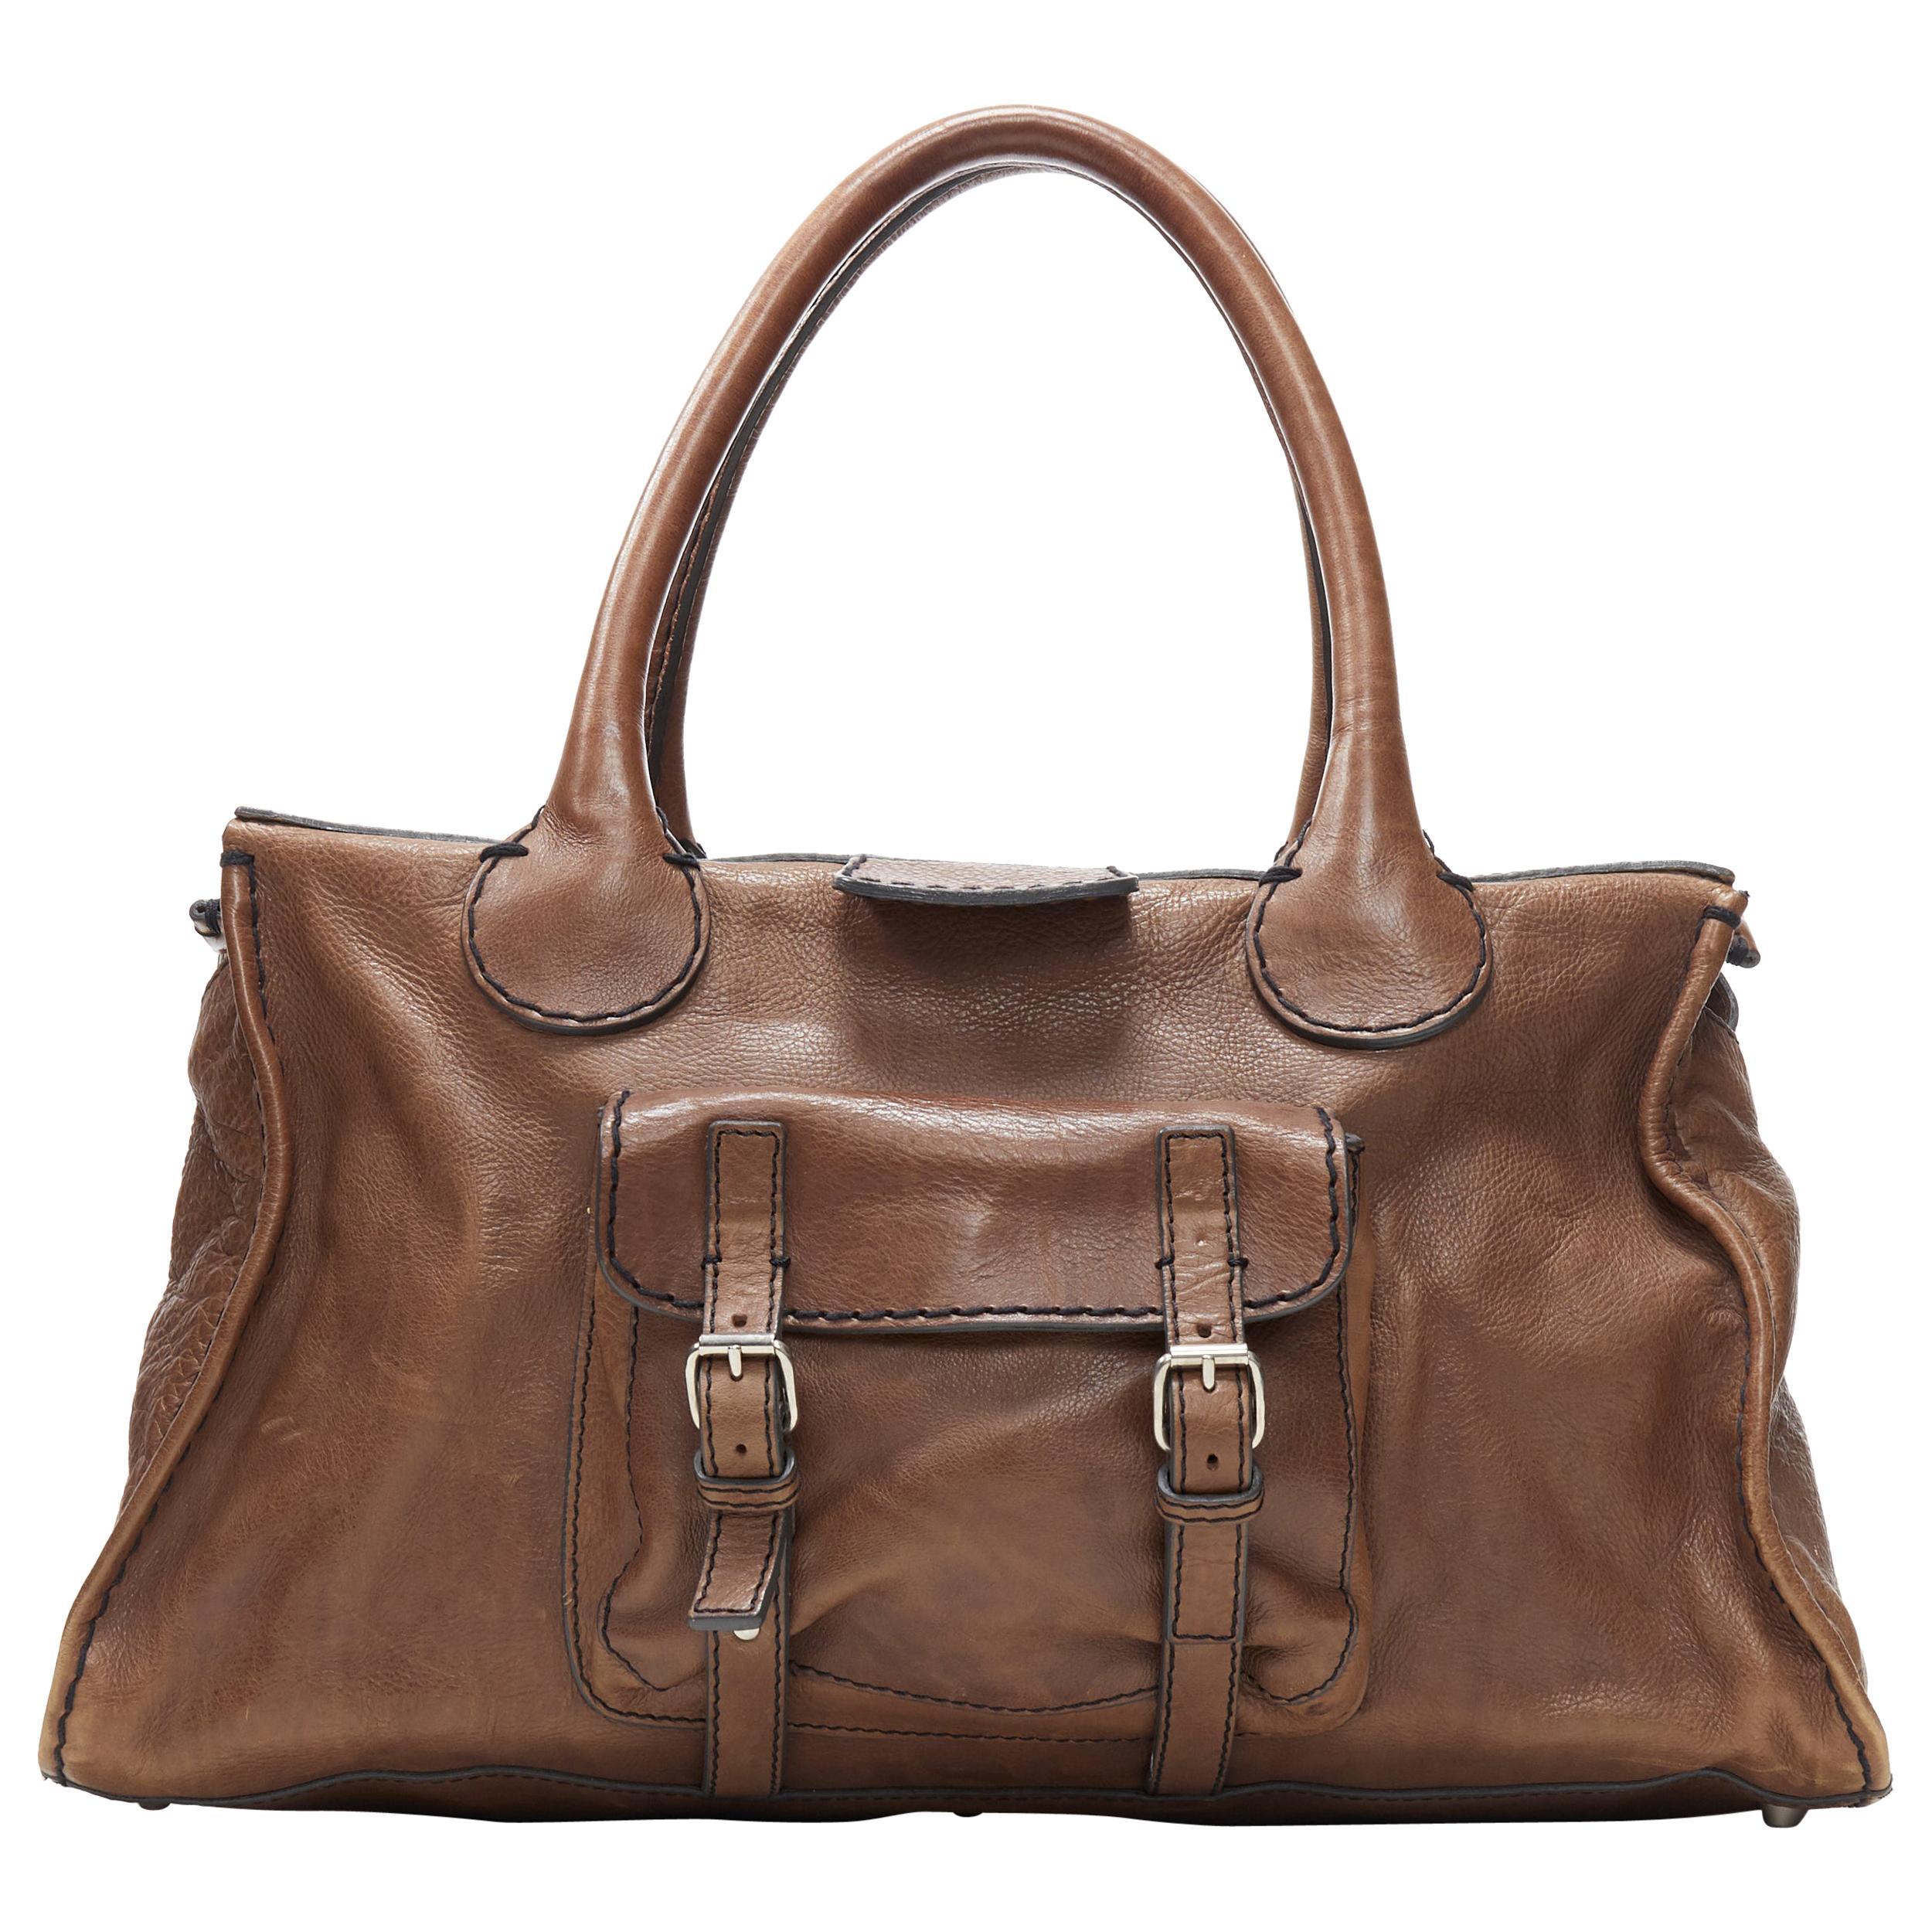 CHLOE Edith dark brown leather buckle pocket top handle large tote bag